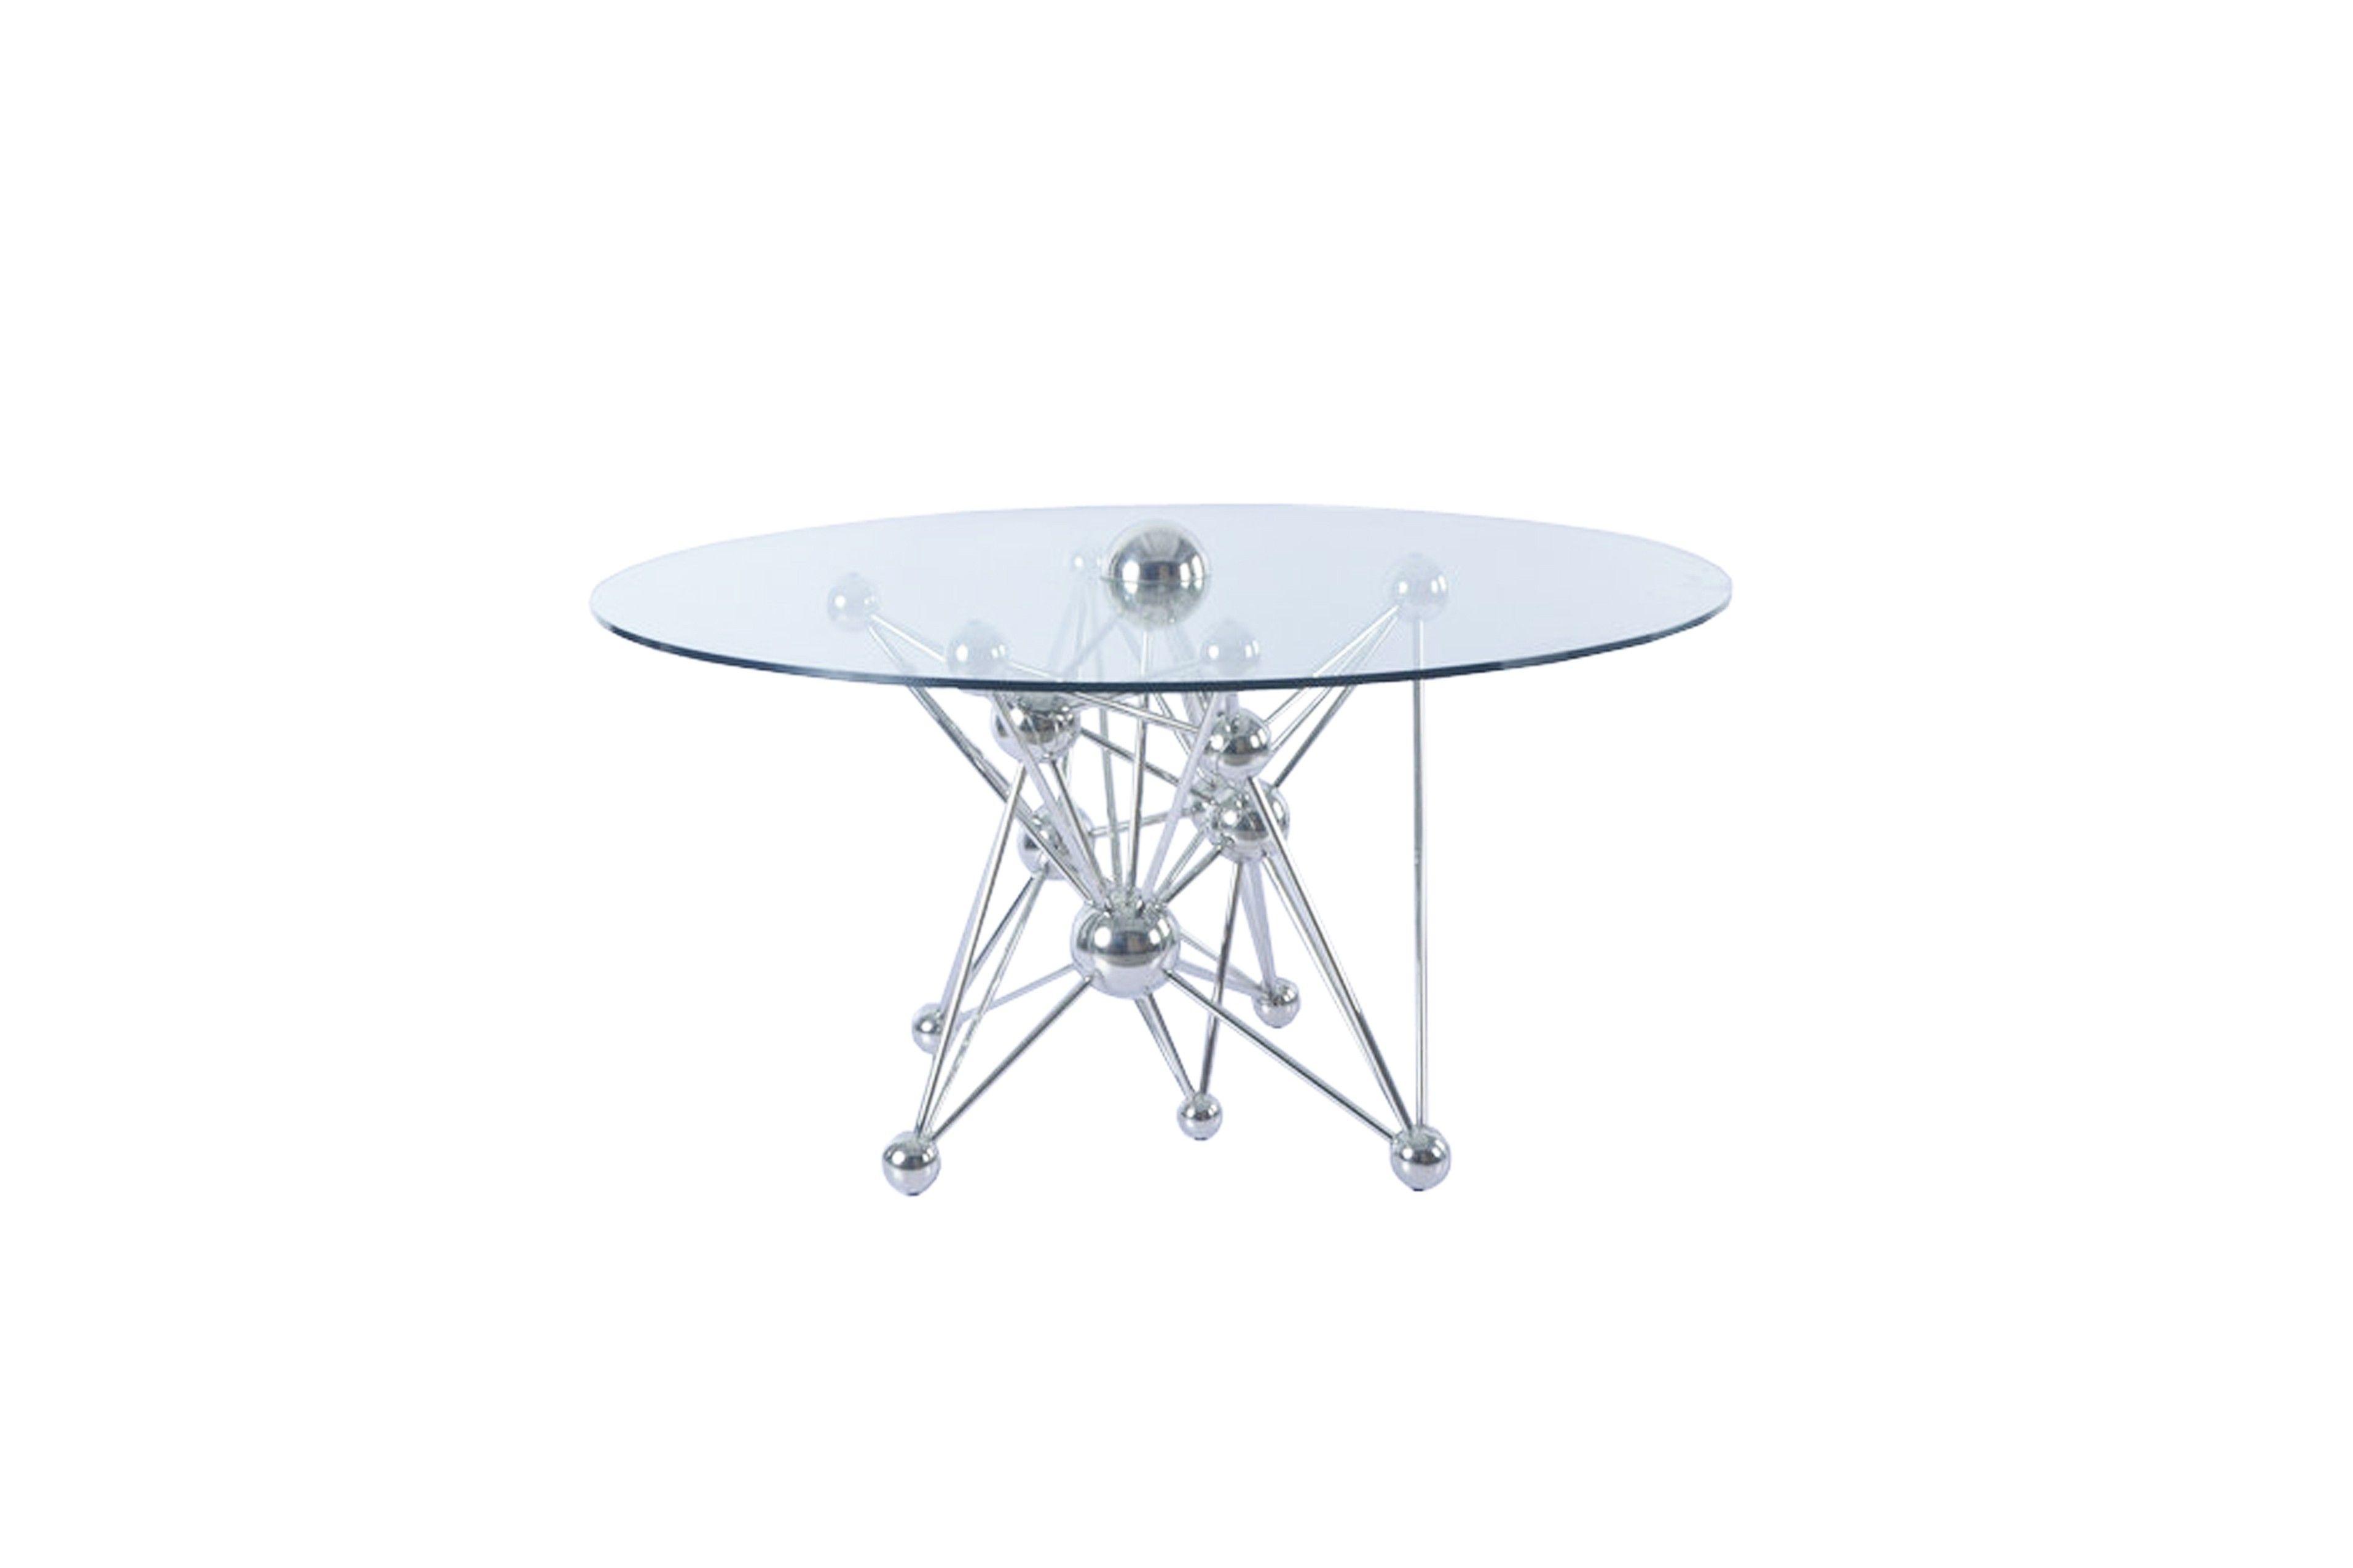 Glastisch Rund Mit Silber Tisch Gestell Runder Glastisch Mobel Landhausstil Kuchentisch Kuche Tisch